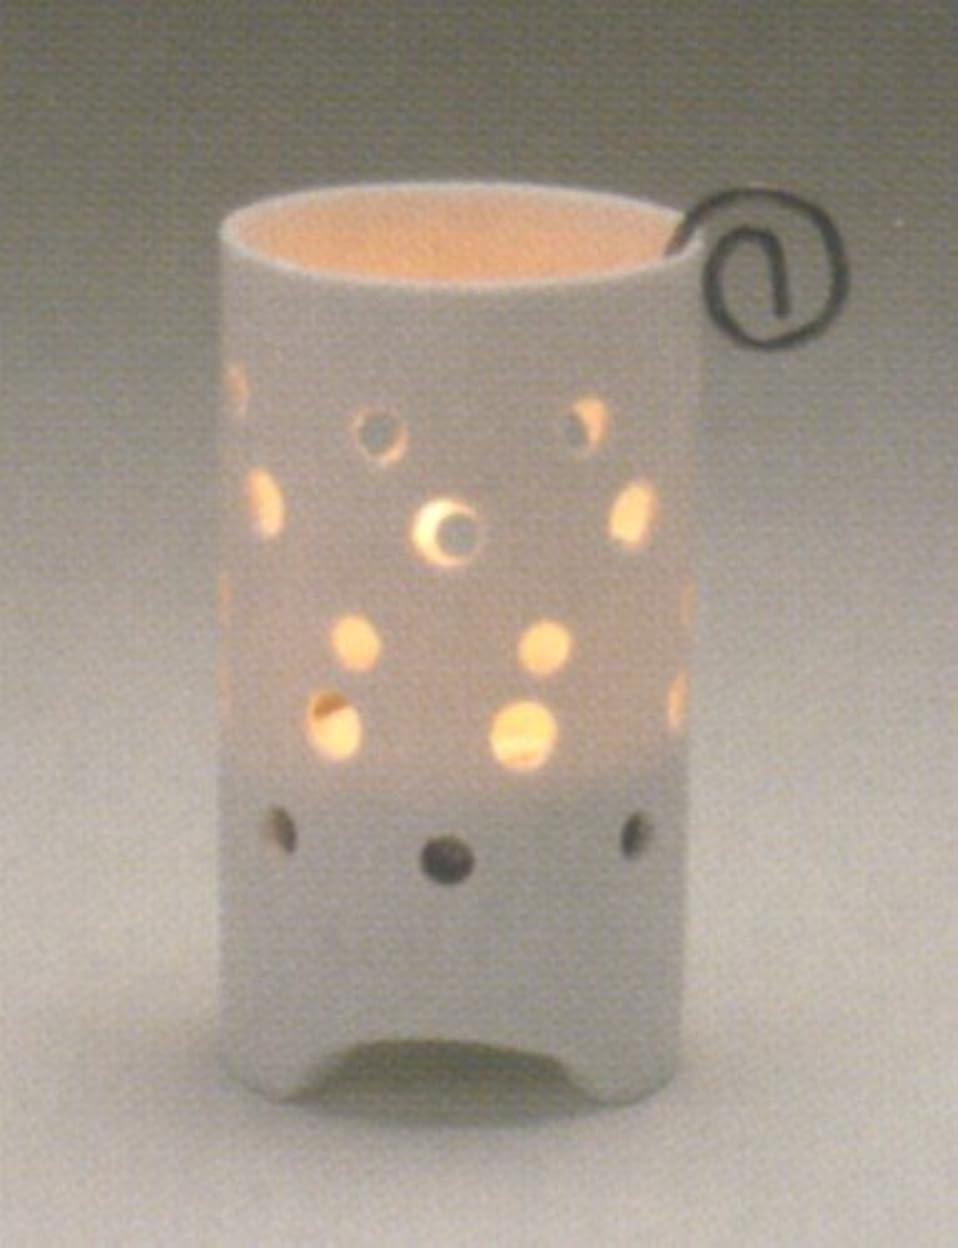 半球バトル半径ダスリンティーライトポット ポイント (キャンドルホルダー)